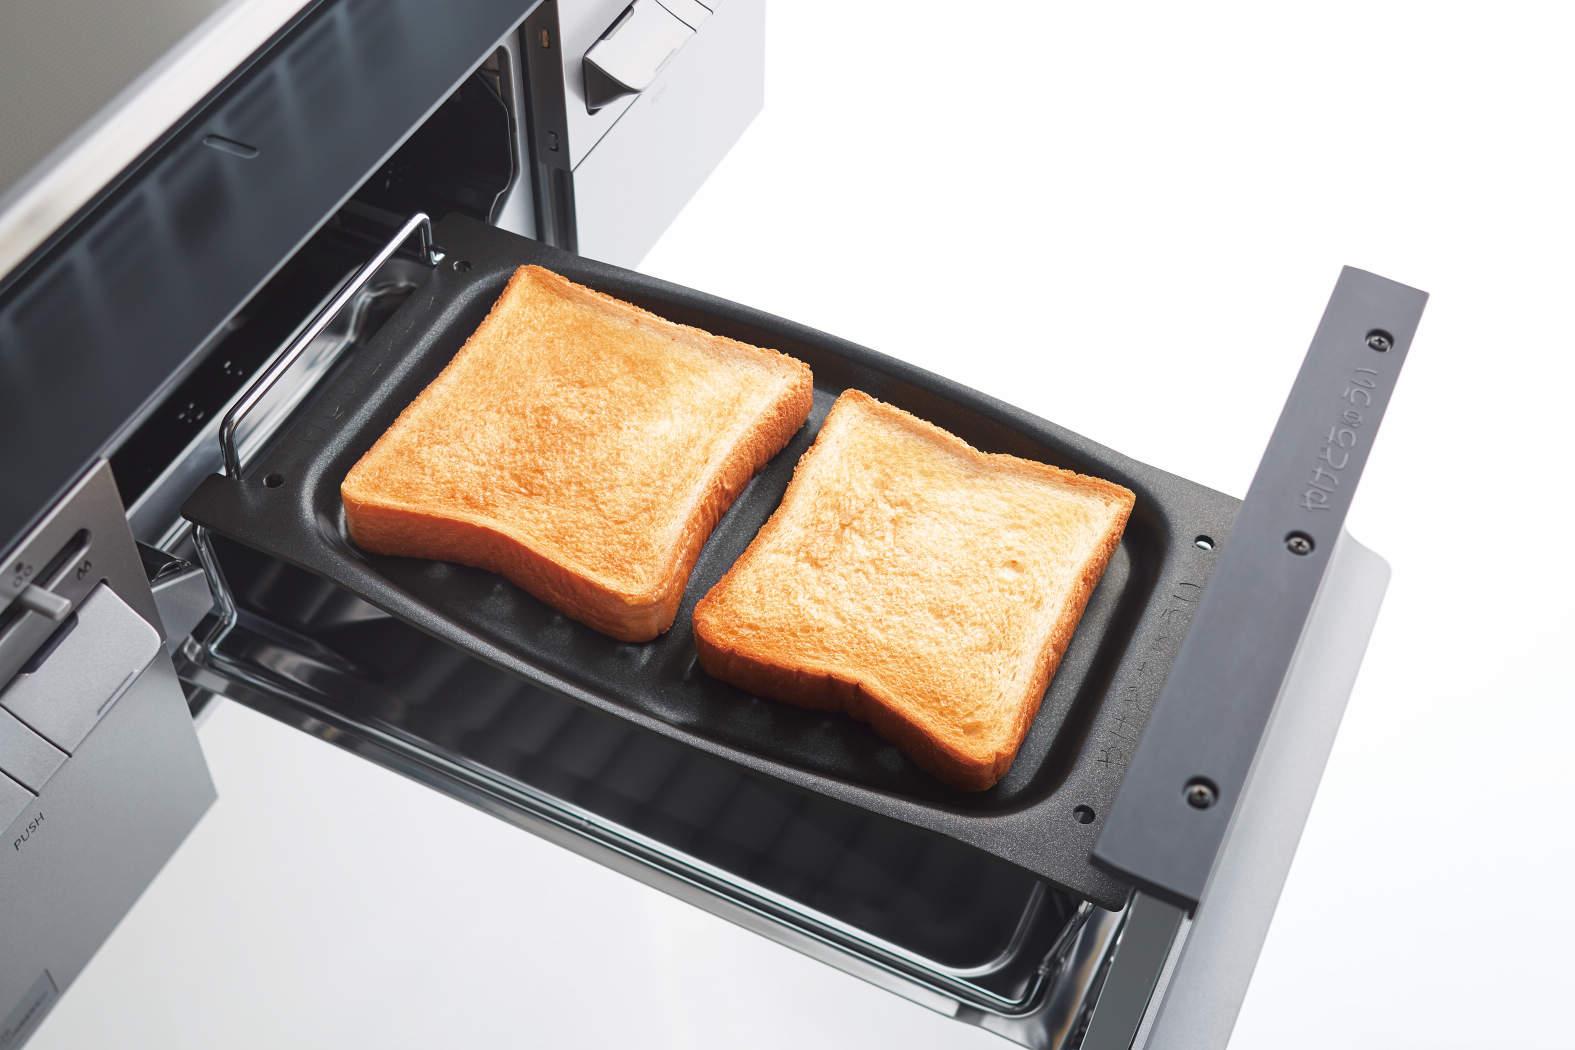 オプションの波型プレートでトースト調理例